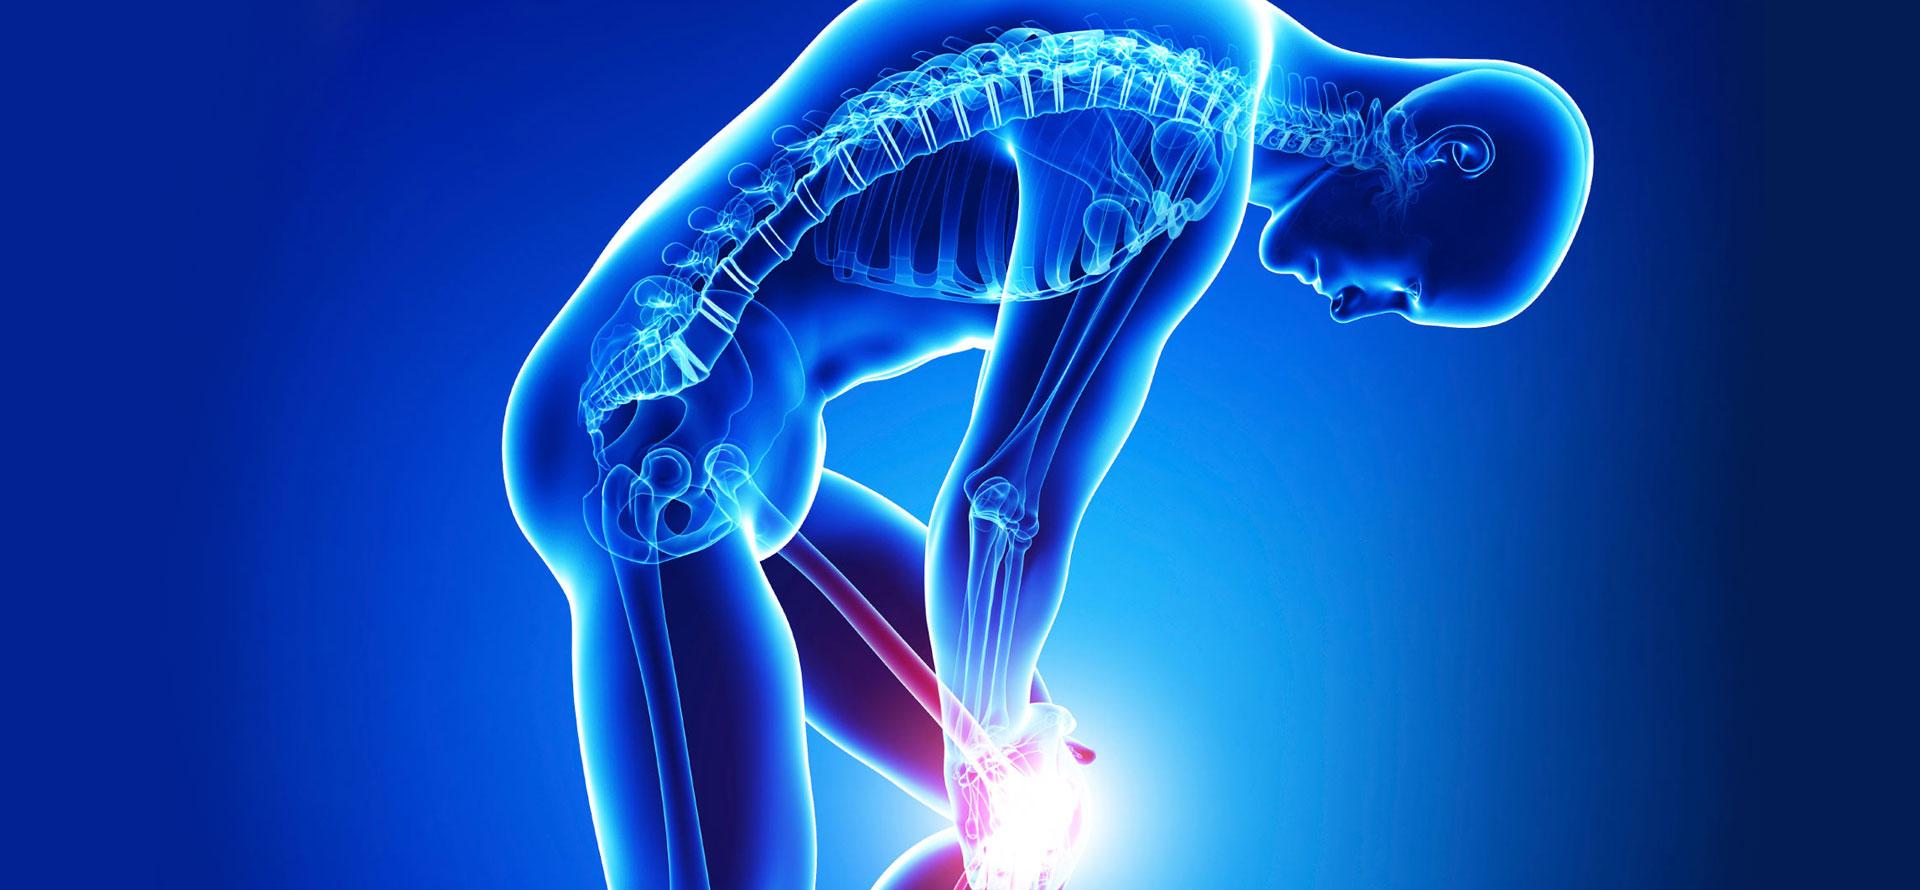 Protesi Totale ginocchio dolore e durata intervento..